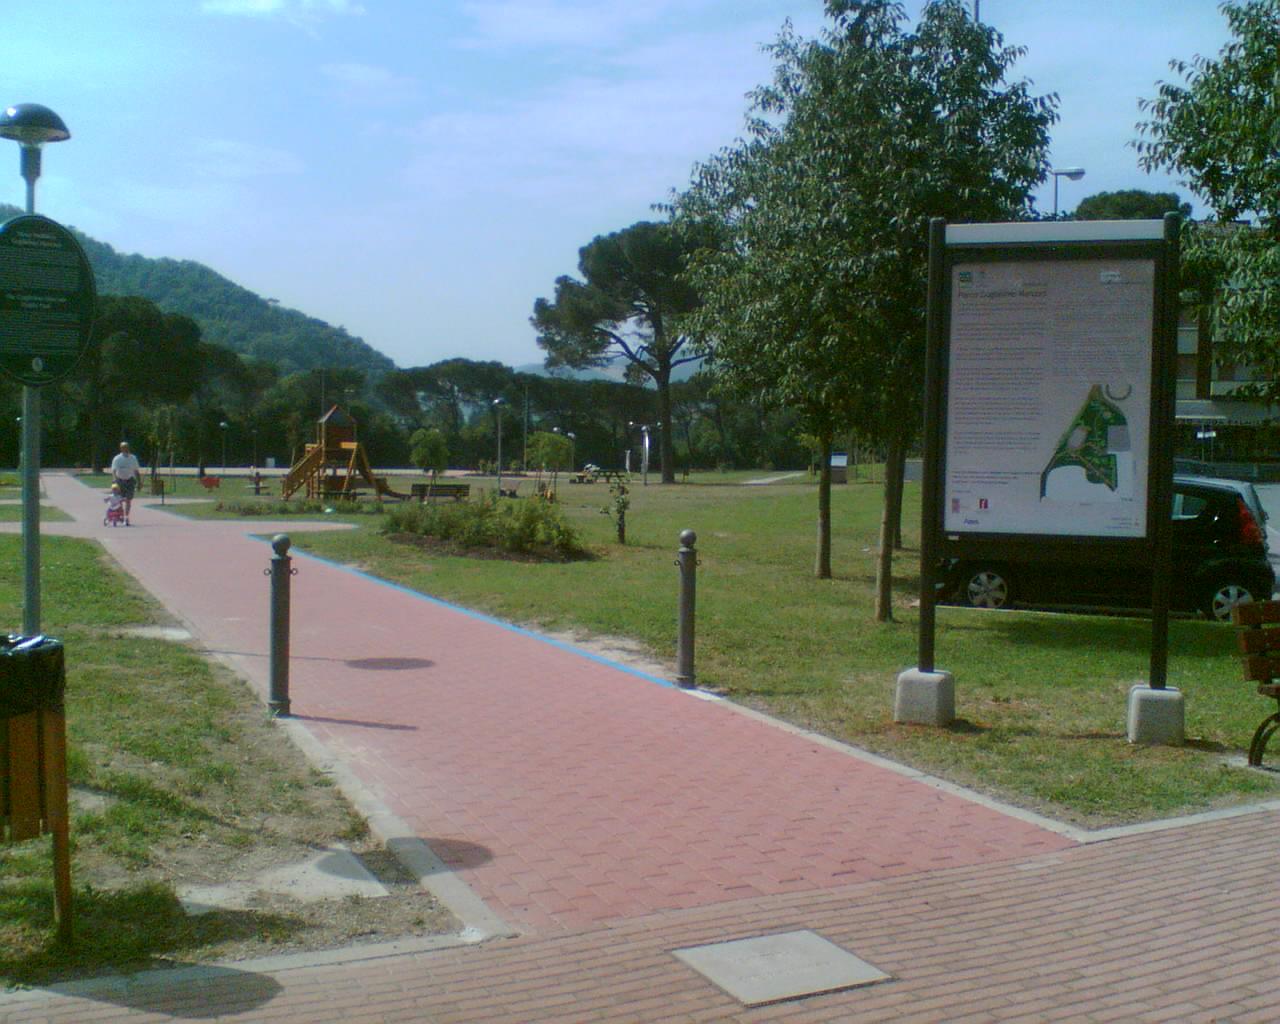 Parco marconi comune di sasso marconi bo - Reno immobiliare sasso marconi bo ...